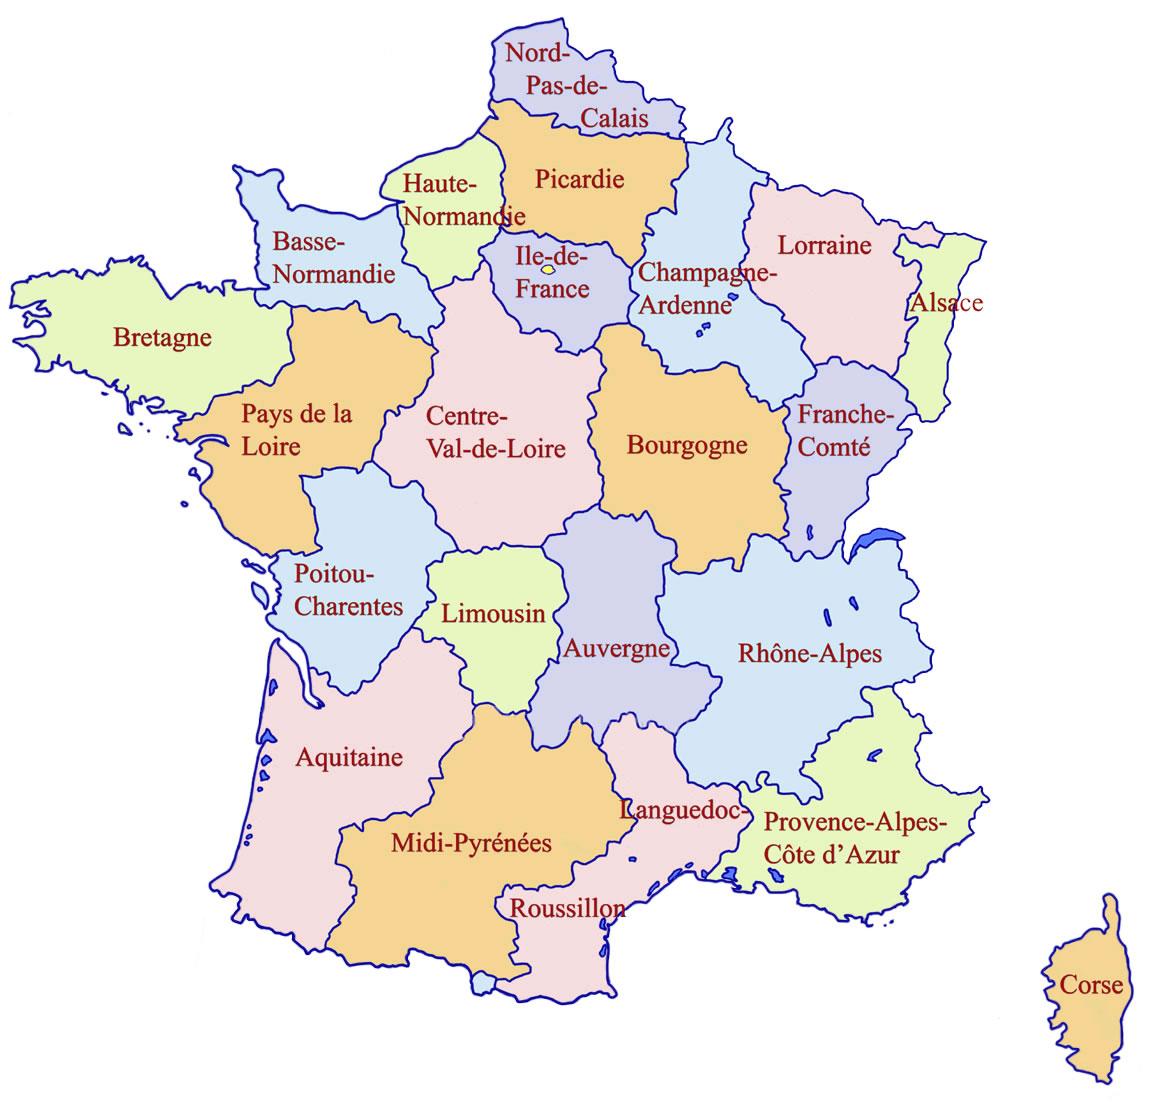 Coloriage Carte De France Départements, Coloriage Carte Des à Carte De France Département À Colorier